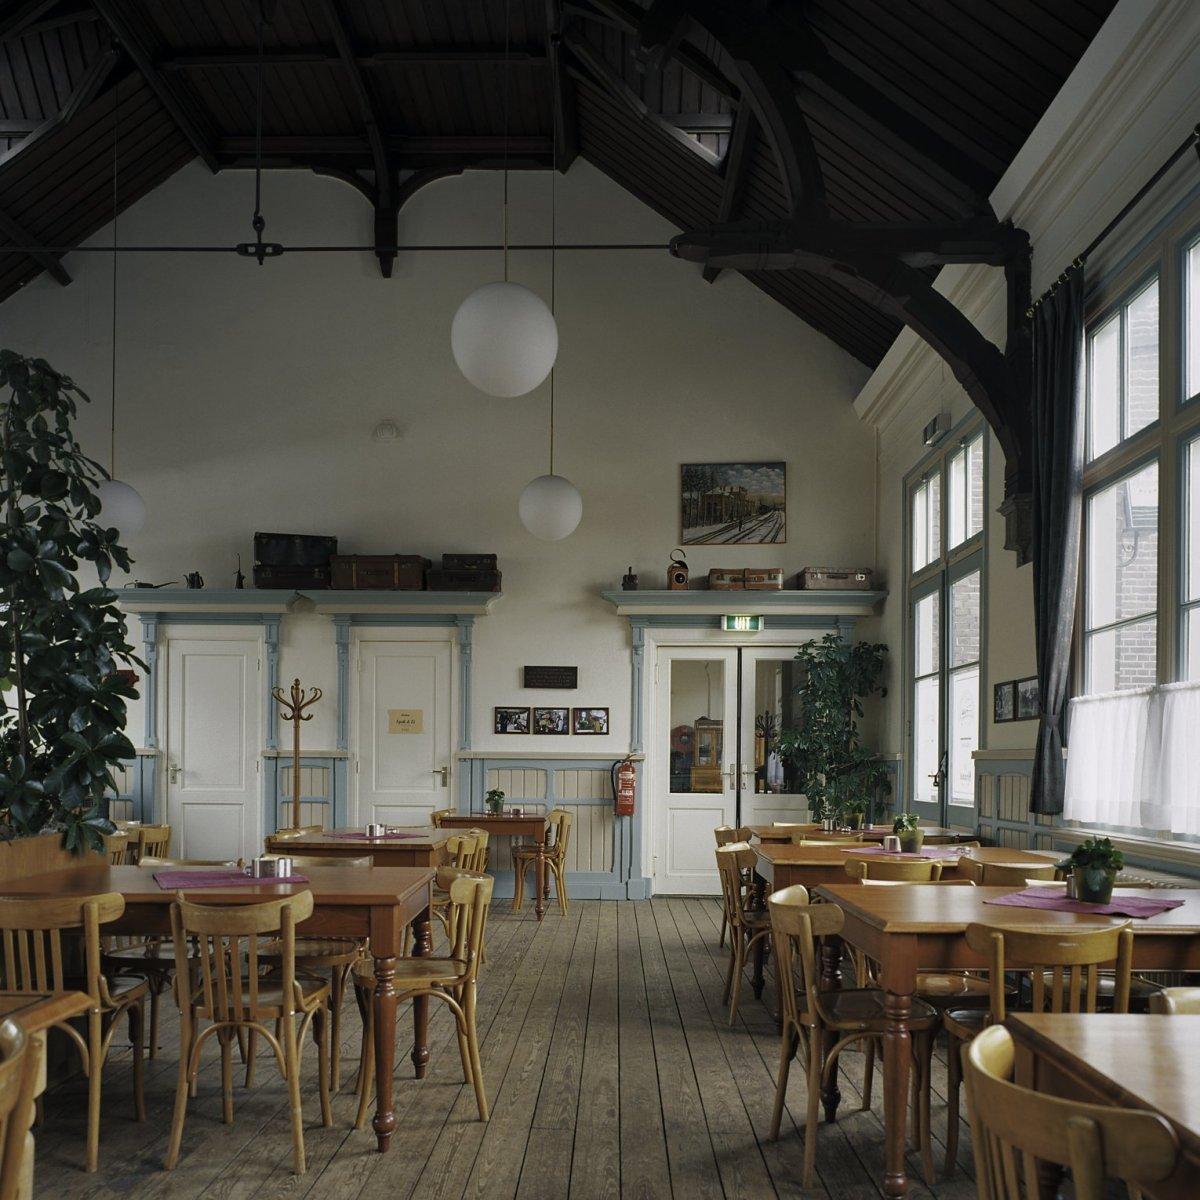 File:Interieur station met restauratie, met historische ...